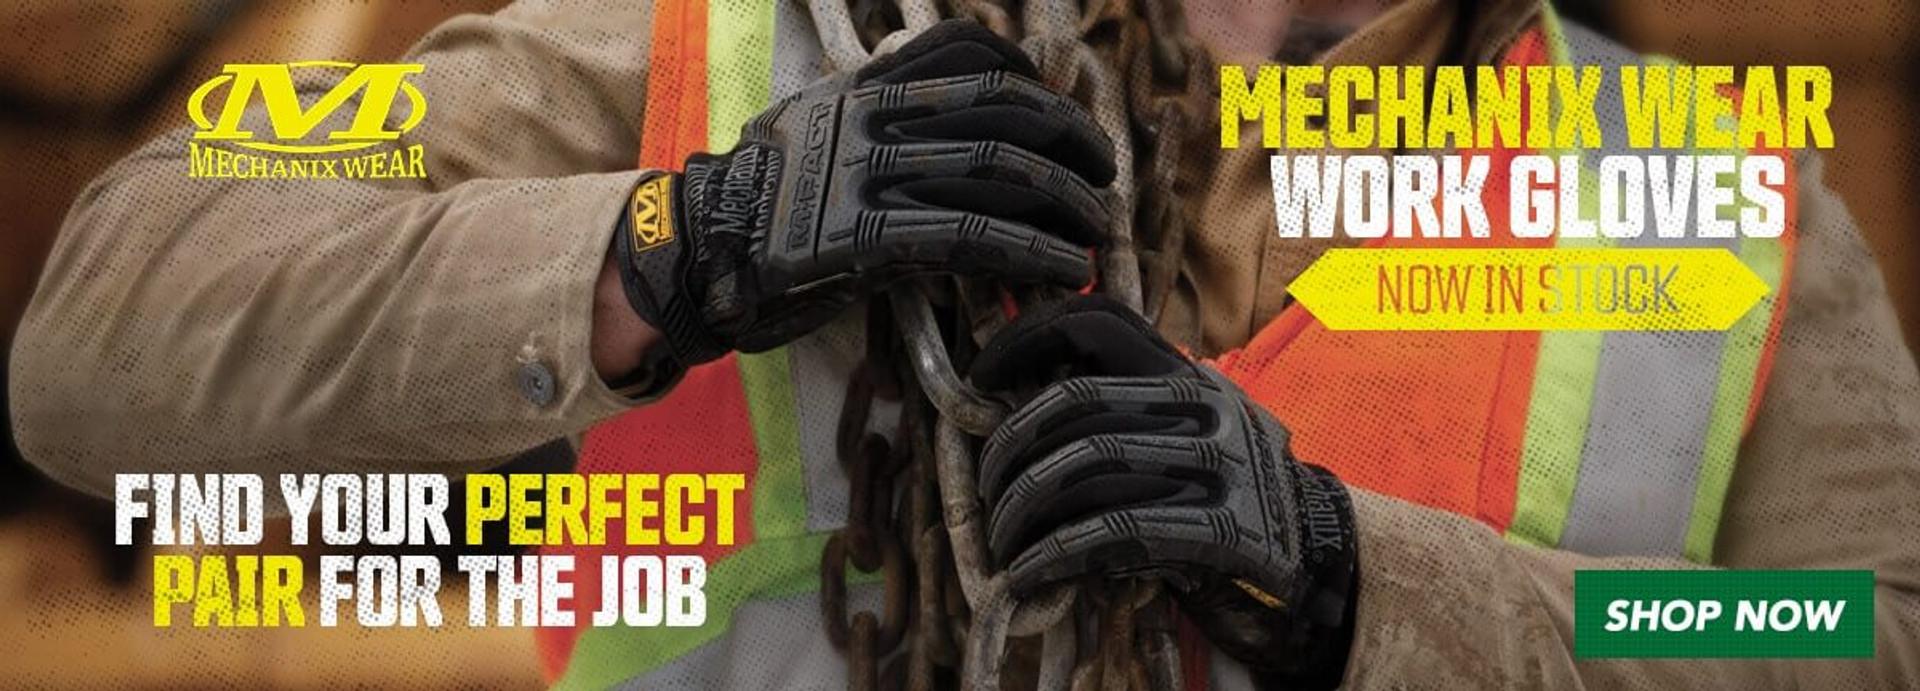 Mechanix Wear Work Gloves